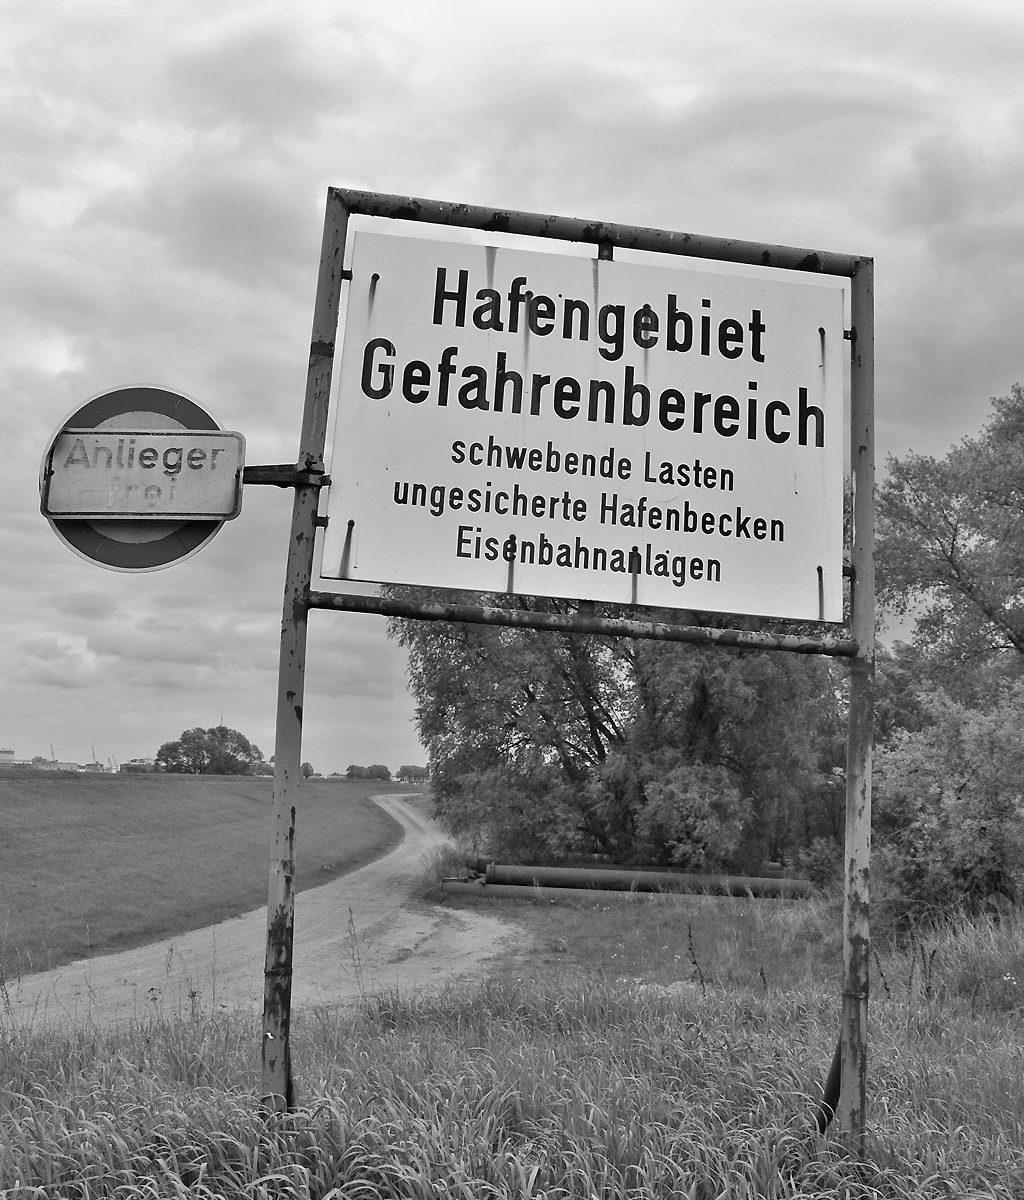 """Hinweisschild """"Hafengebiet Gefahrenbereich"""" (Foto Christian Winterstein 2013)"""